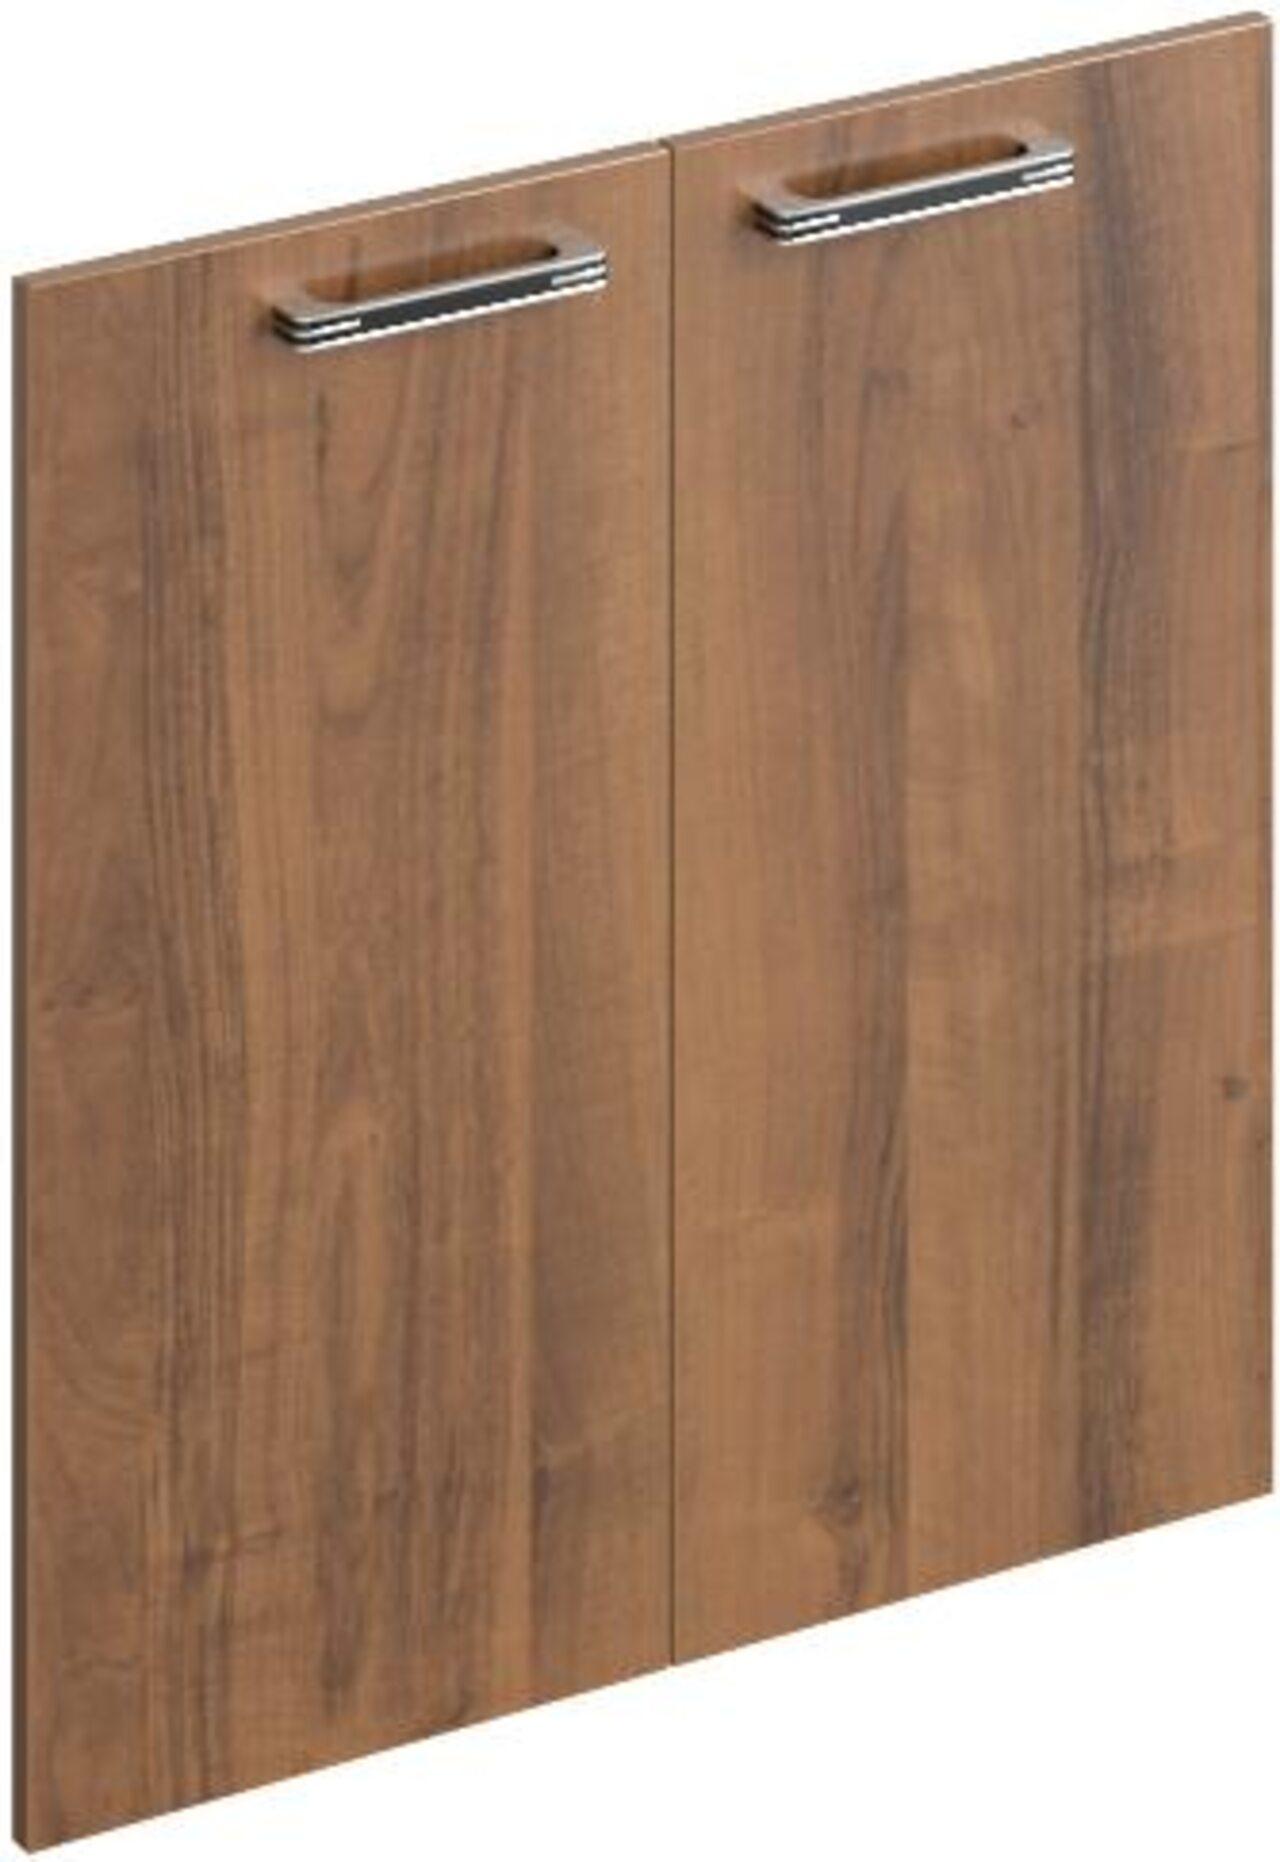 Комплект низких дверей  Дельта 73x2x78 - фото 3